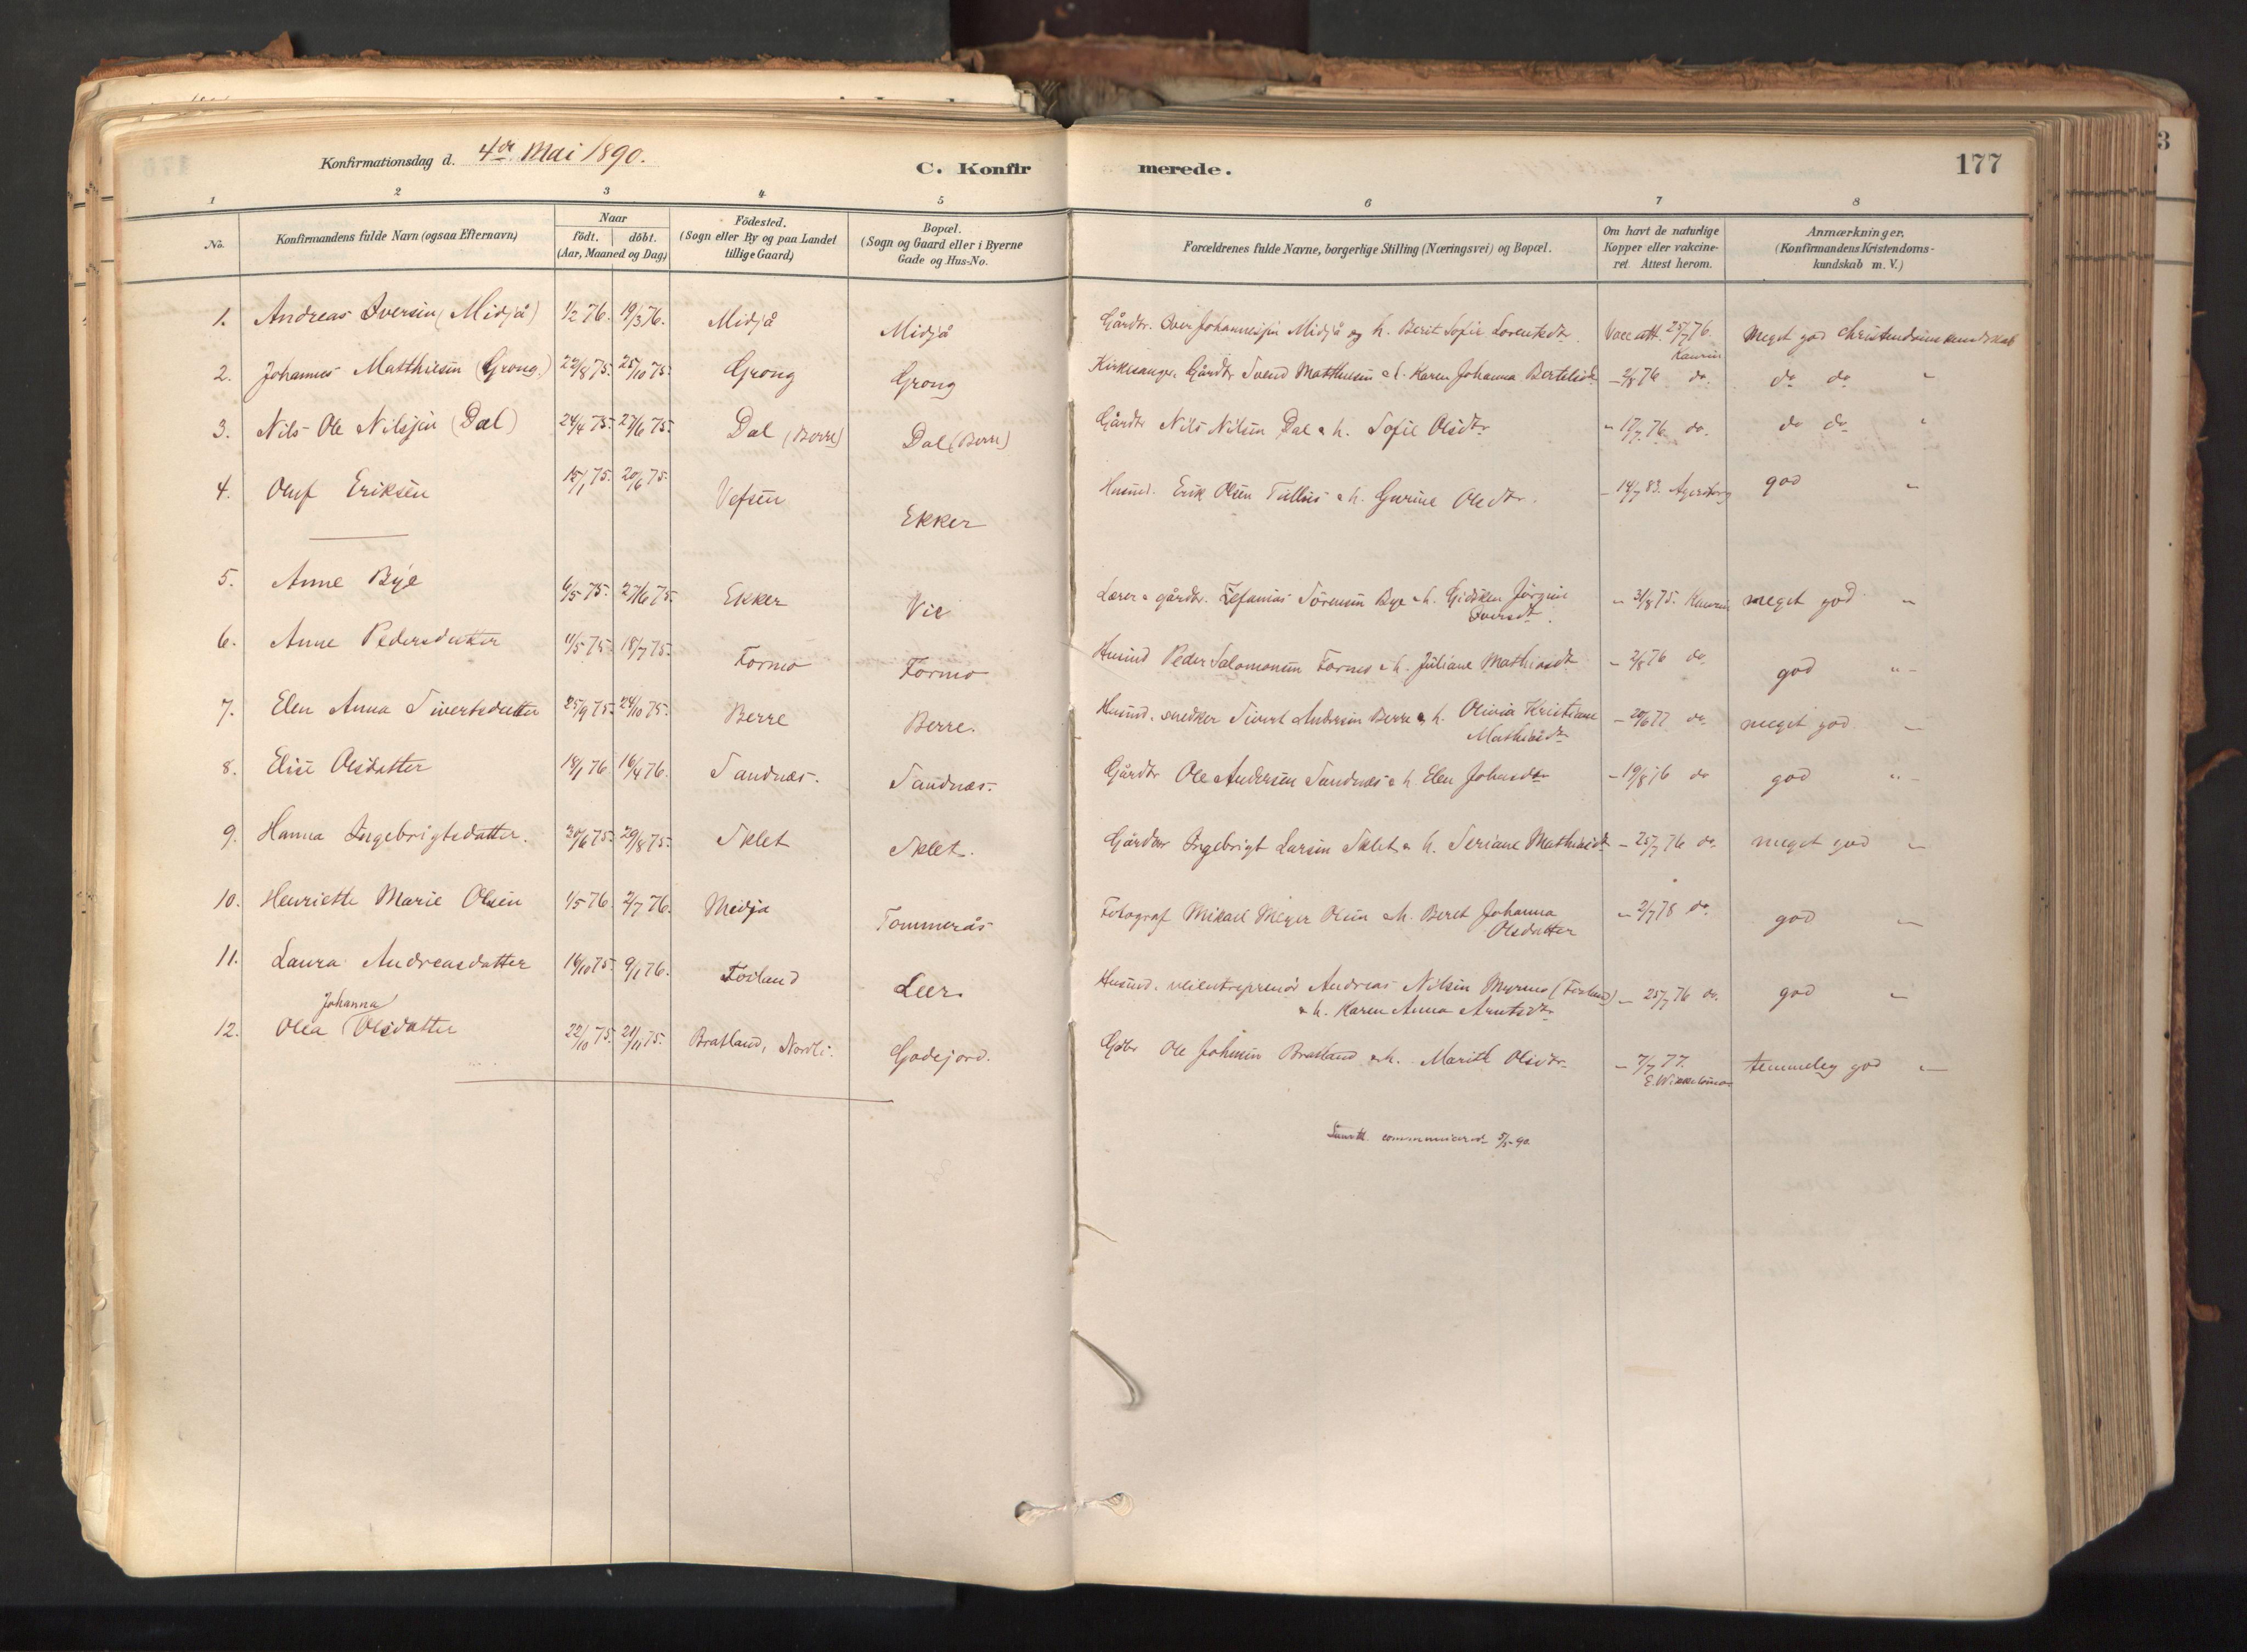 SAT, Ministerialprotokoller, klokkerbøker og fødselsregistre - Nord-Trøndelag, 758/L0519: Ministerialbok nr. 758A04, 1880-1926, s. 177